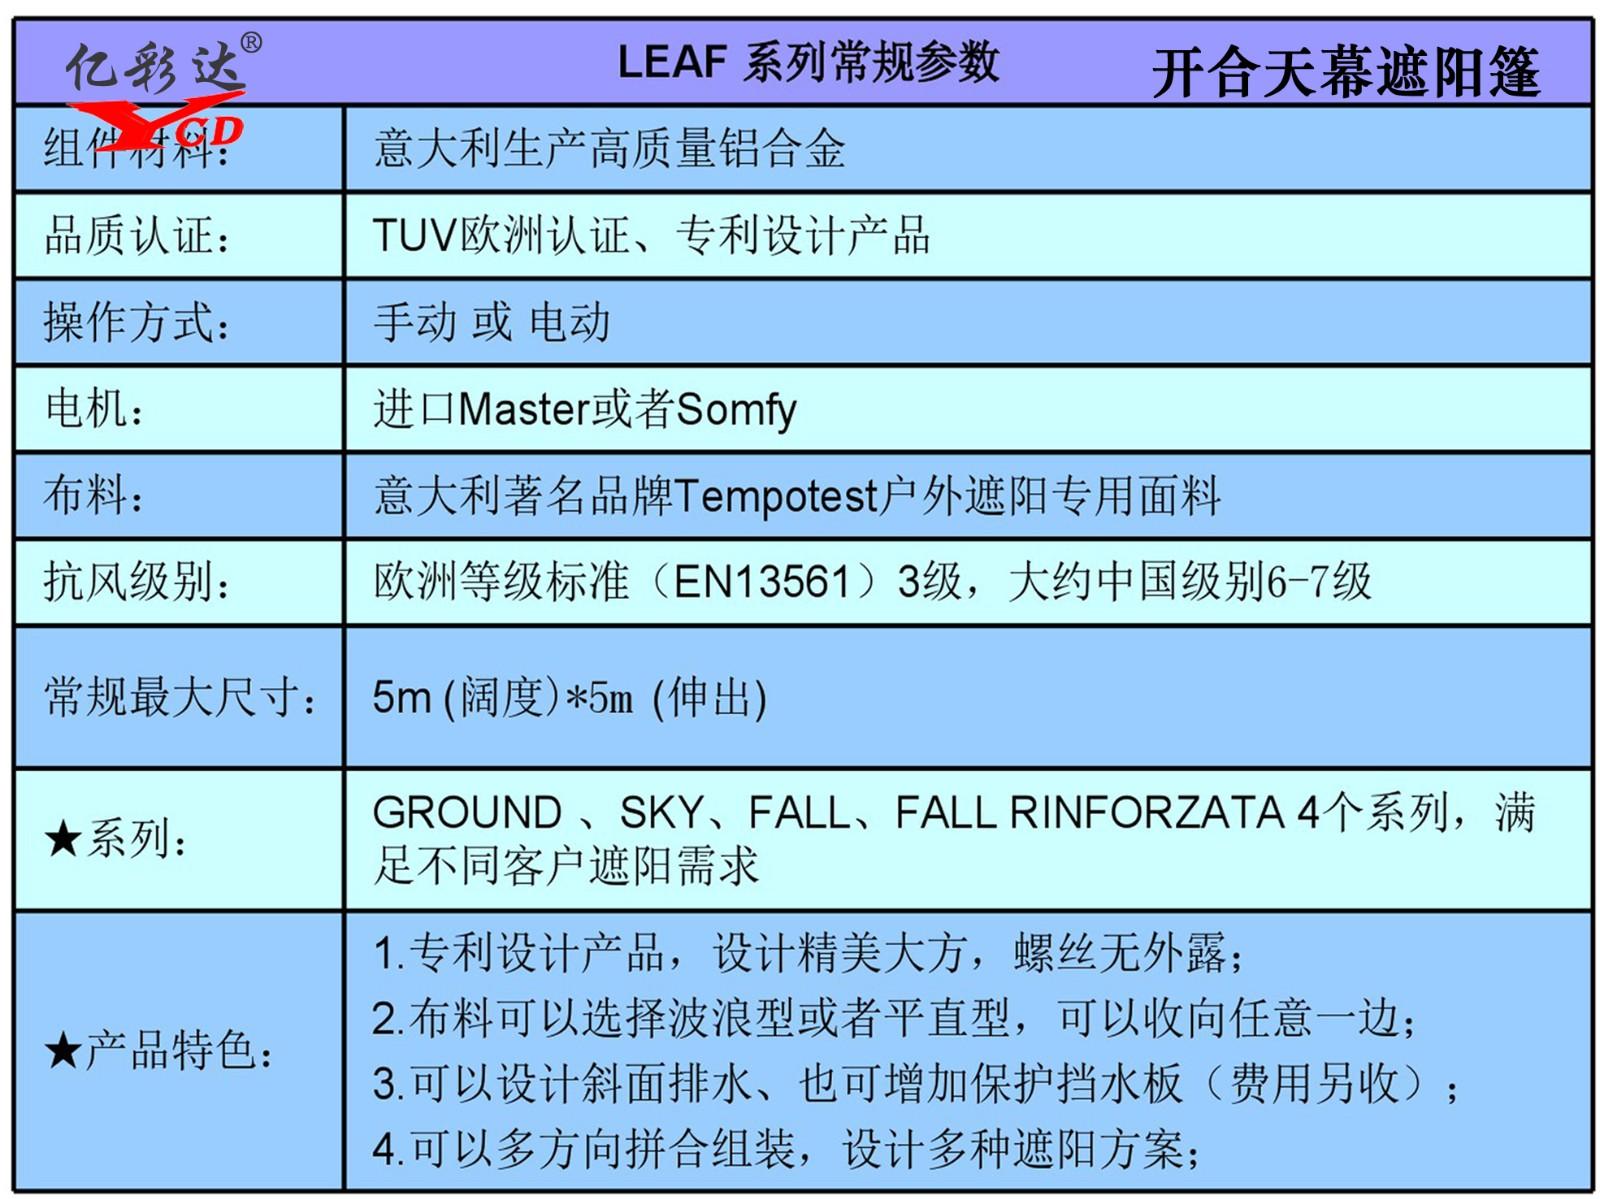 YCD-LEAF开合天幕遮阳篷|遮阳系列-山东亿彩达遮阳节能科技有限公司